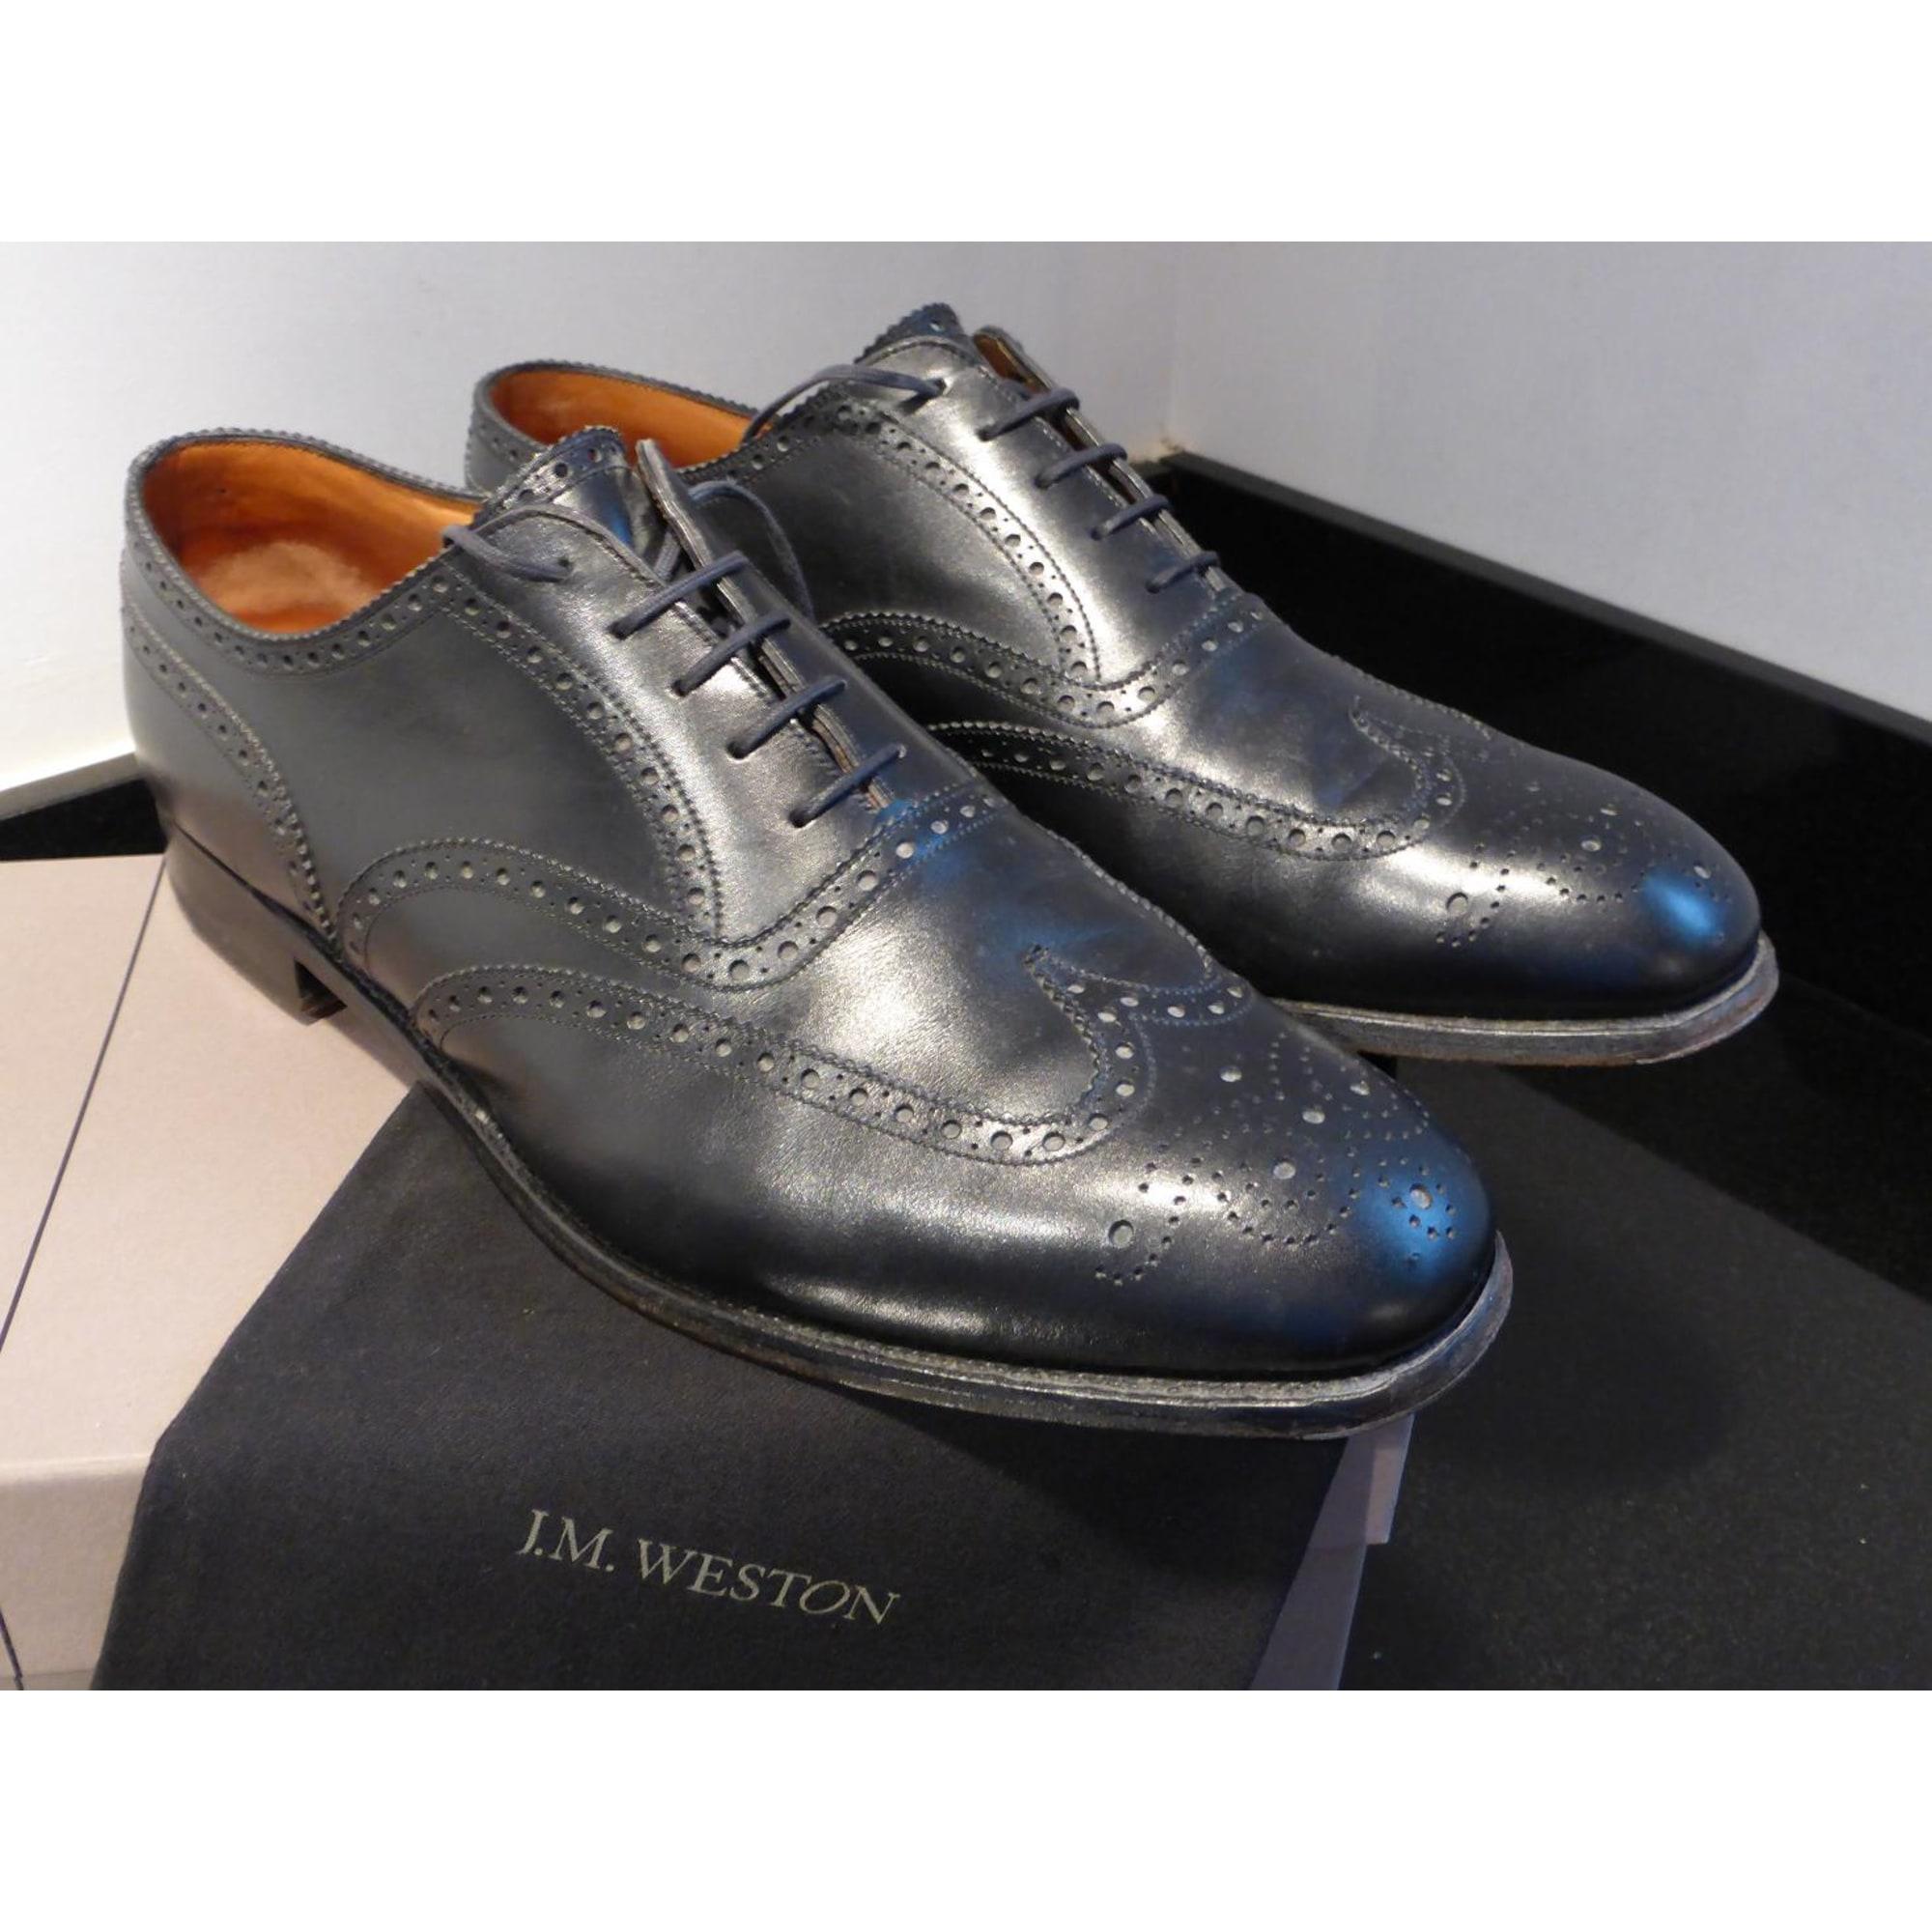 Chaussures à lacets J.M. WESTON 46 noir vendu par Jlt - 2904350 4000e44755c